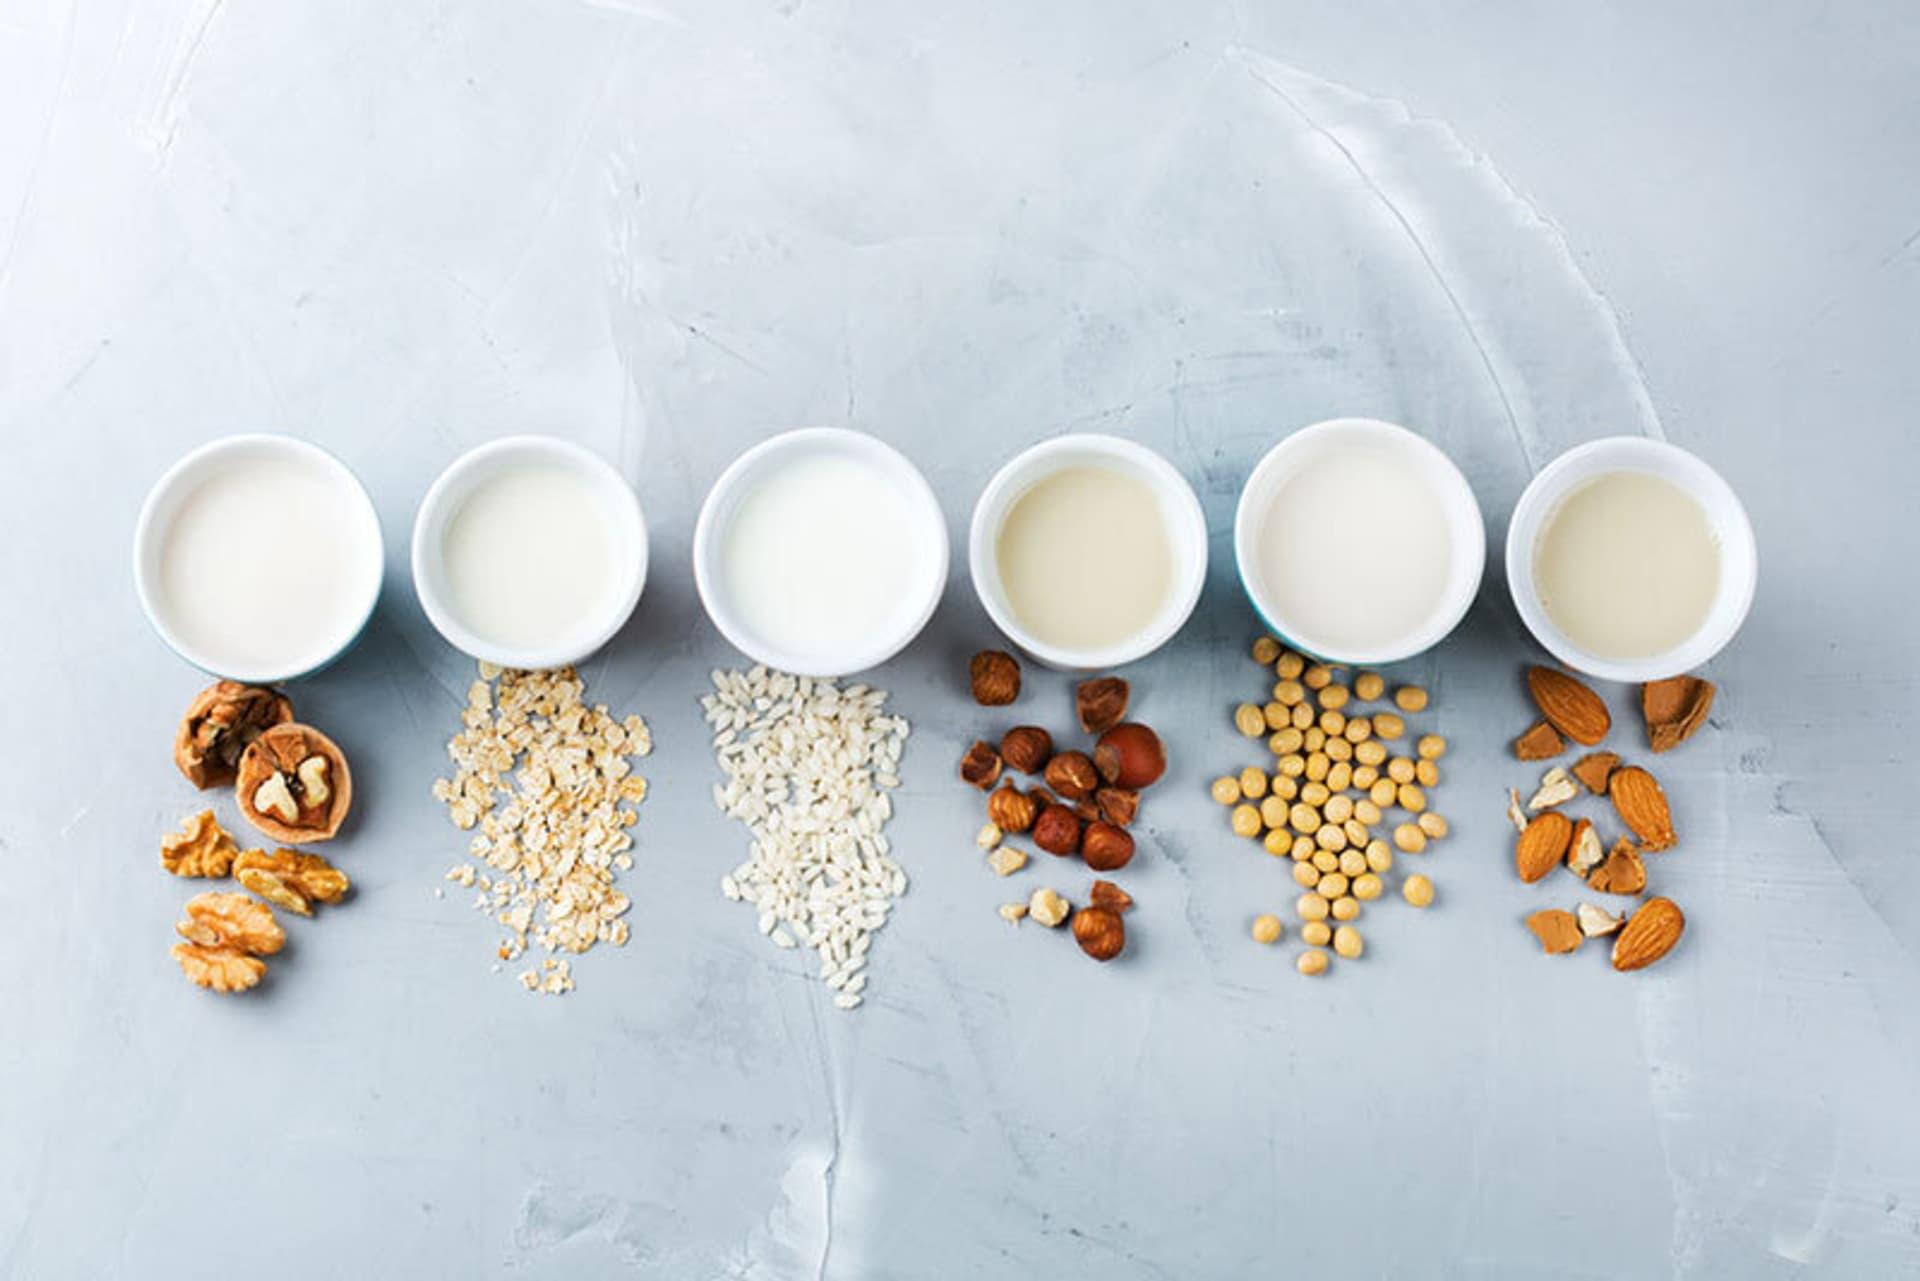 Sechs Schalen mit verschiedenen hellen Flüssigkeiten, davor liegen Walnüsse, Haferflocken, Reiskörner, Haselnüsse, Sojabohnen und Mandeln